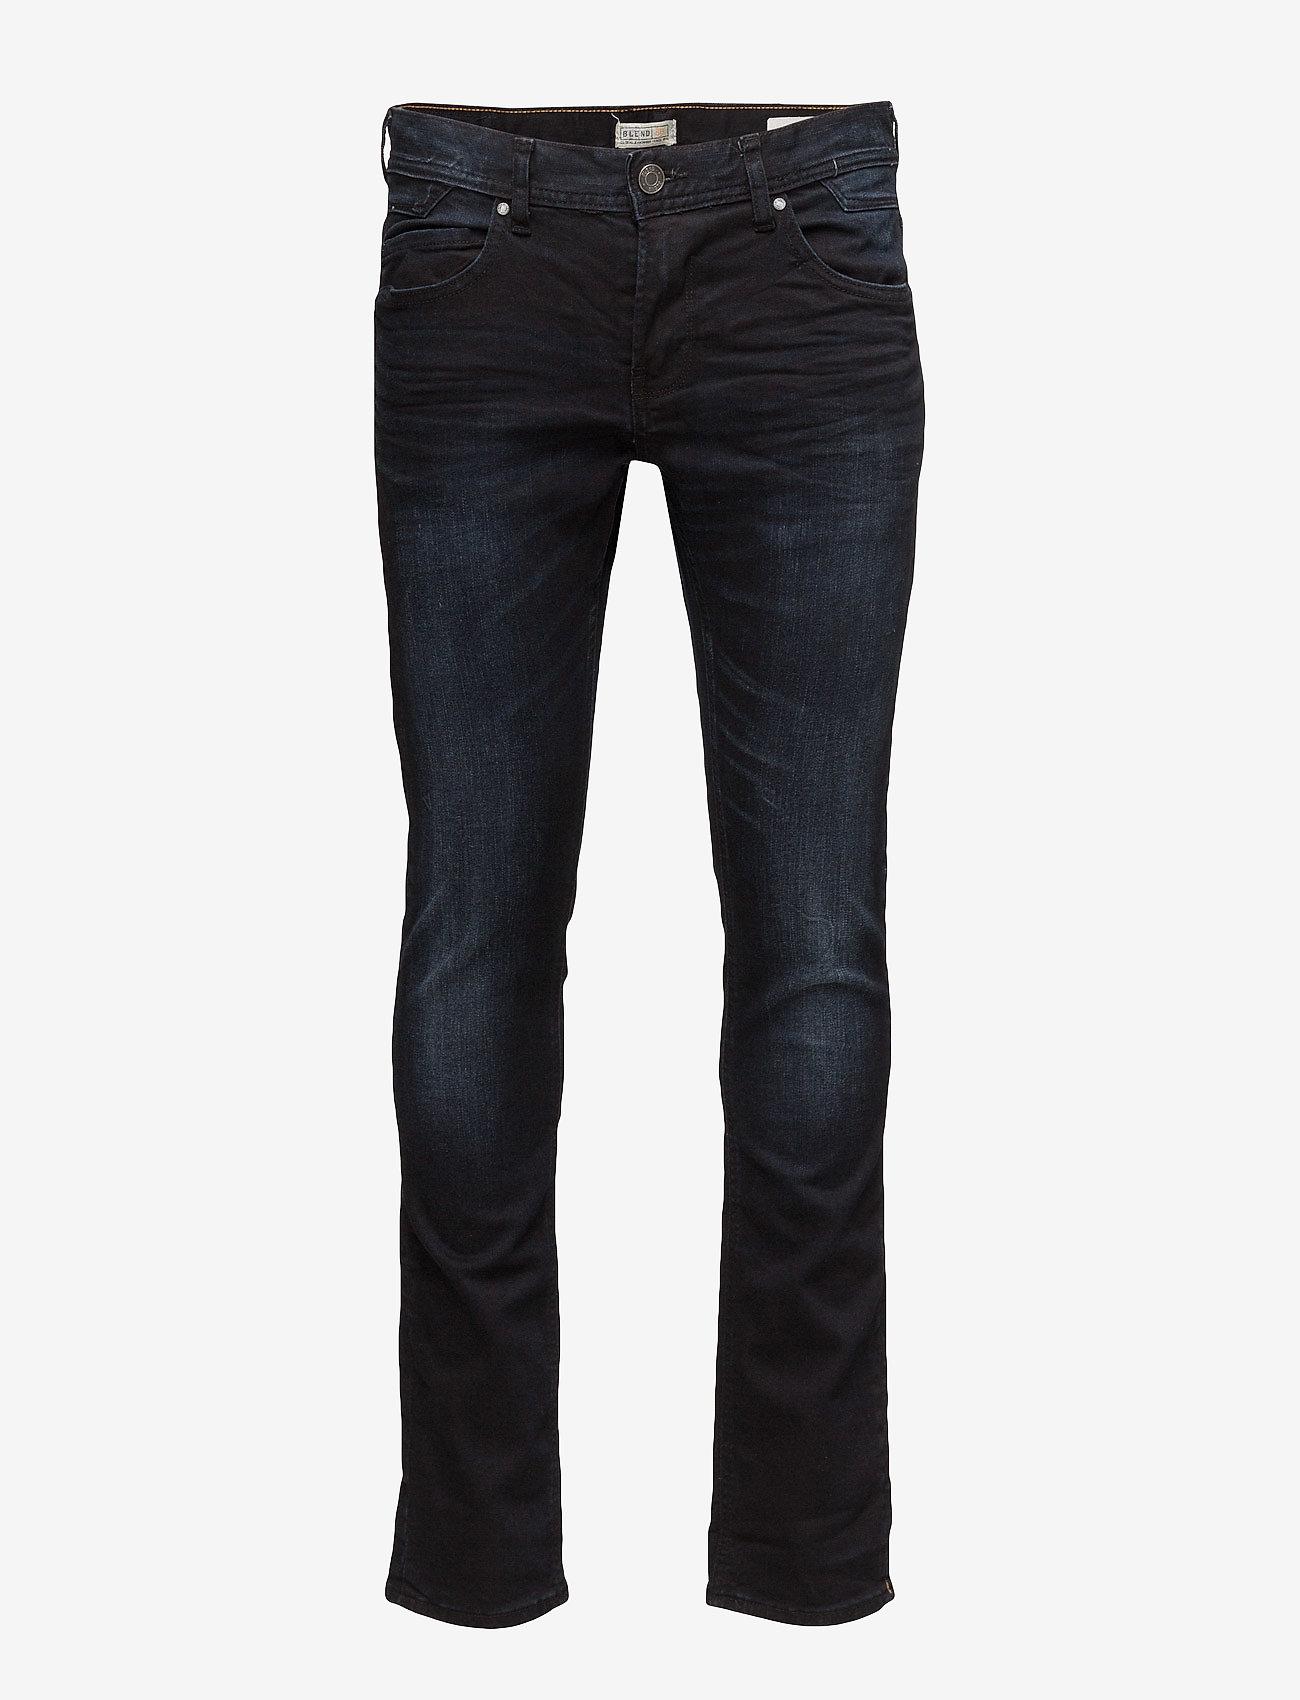 Blend - Jeans - NOOS - black/blue - 1